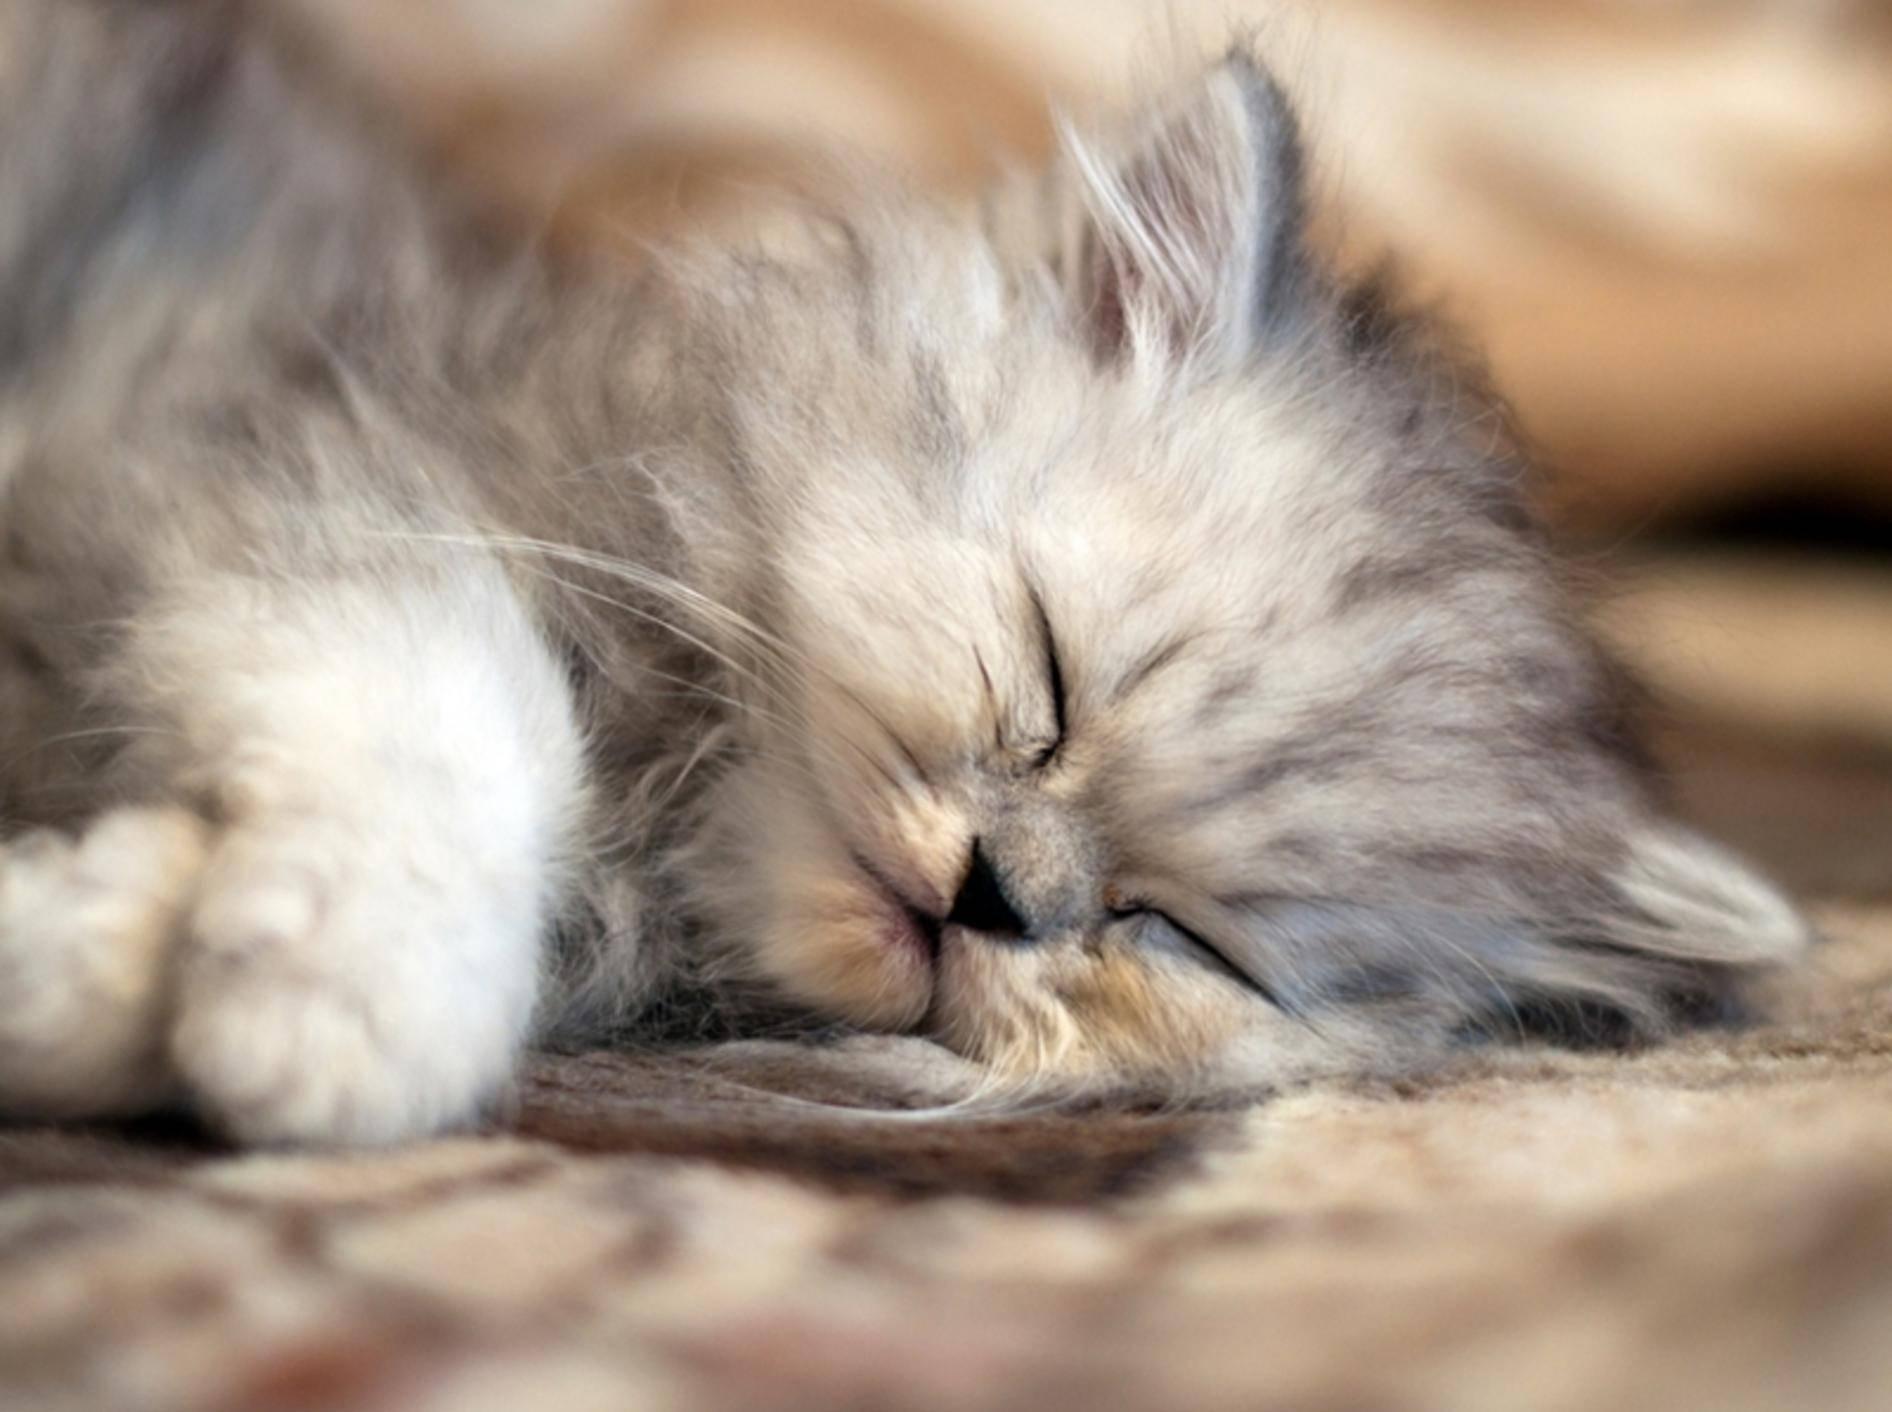 Babykatze Nummer 1: Ein winziges Perser-Glückskätzchen mit süßen Träumen — Bild: shutterstock / Trybex